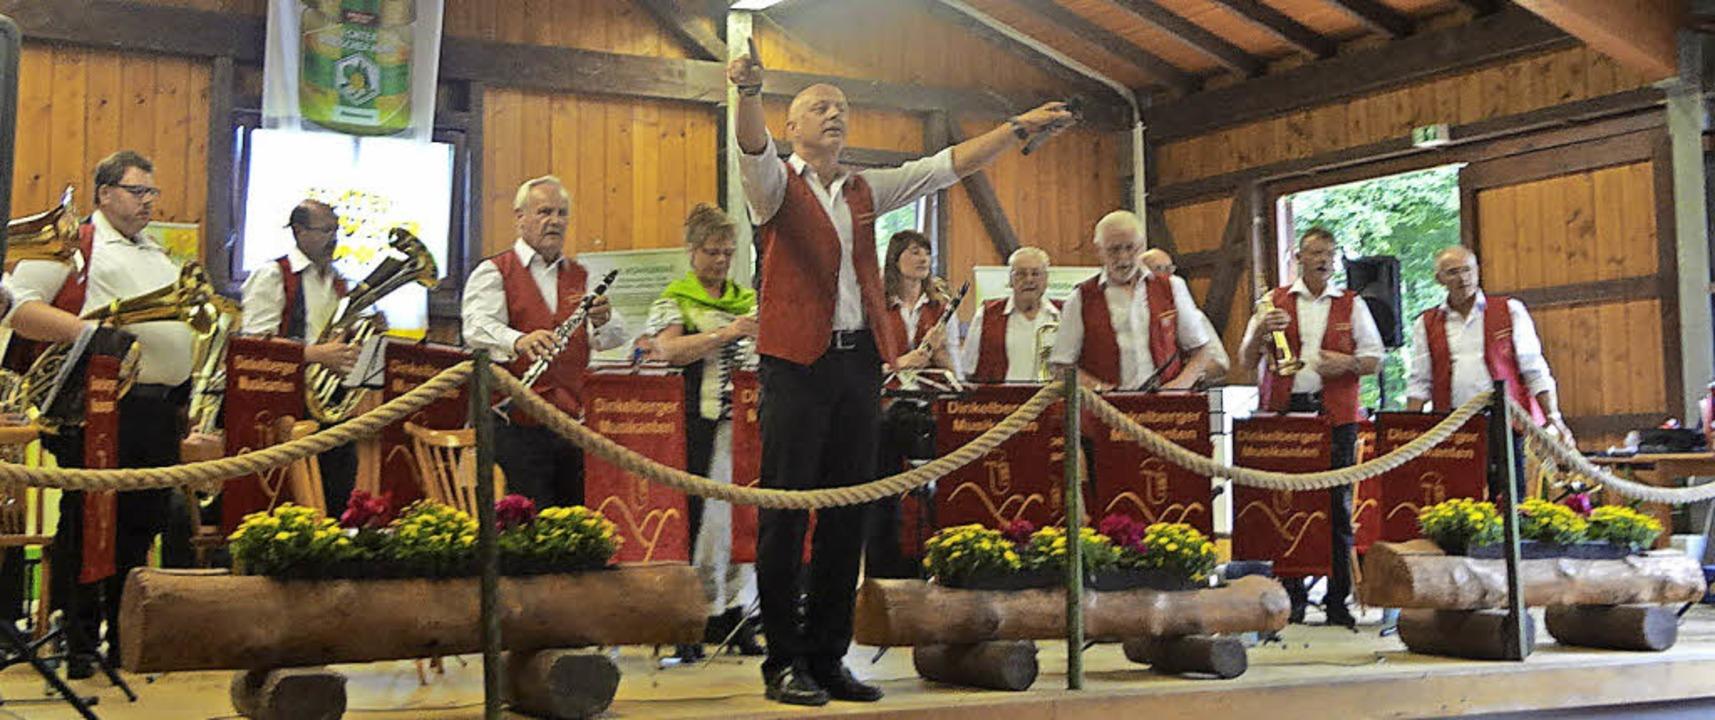 Besucher schwärmen zum Imkerfest - Kleines Wiesental - Badische Zeitung